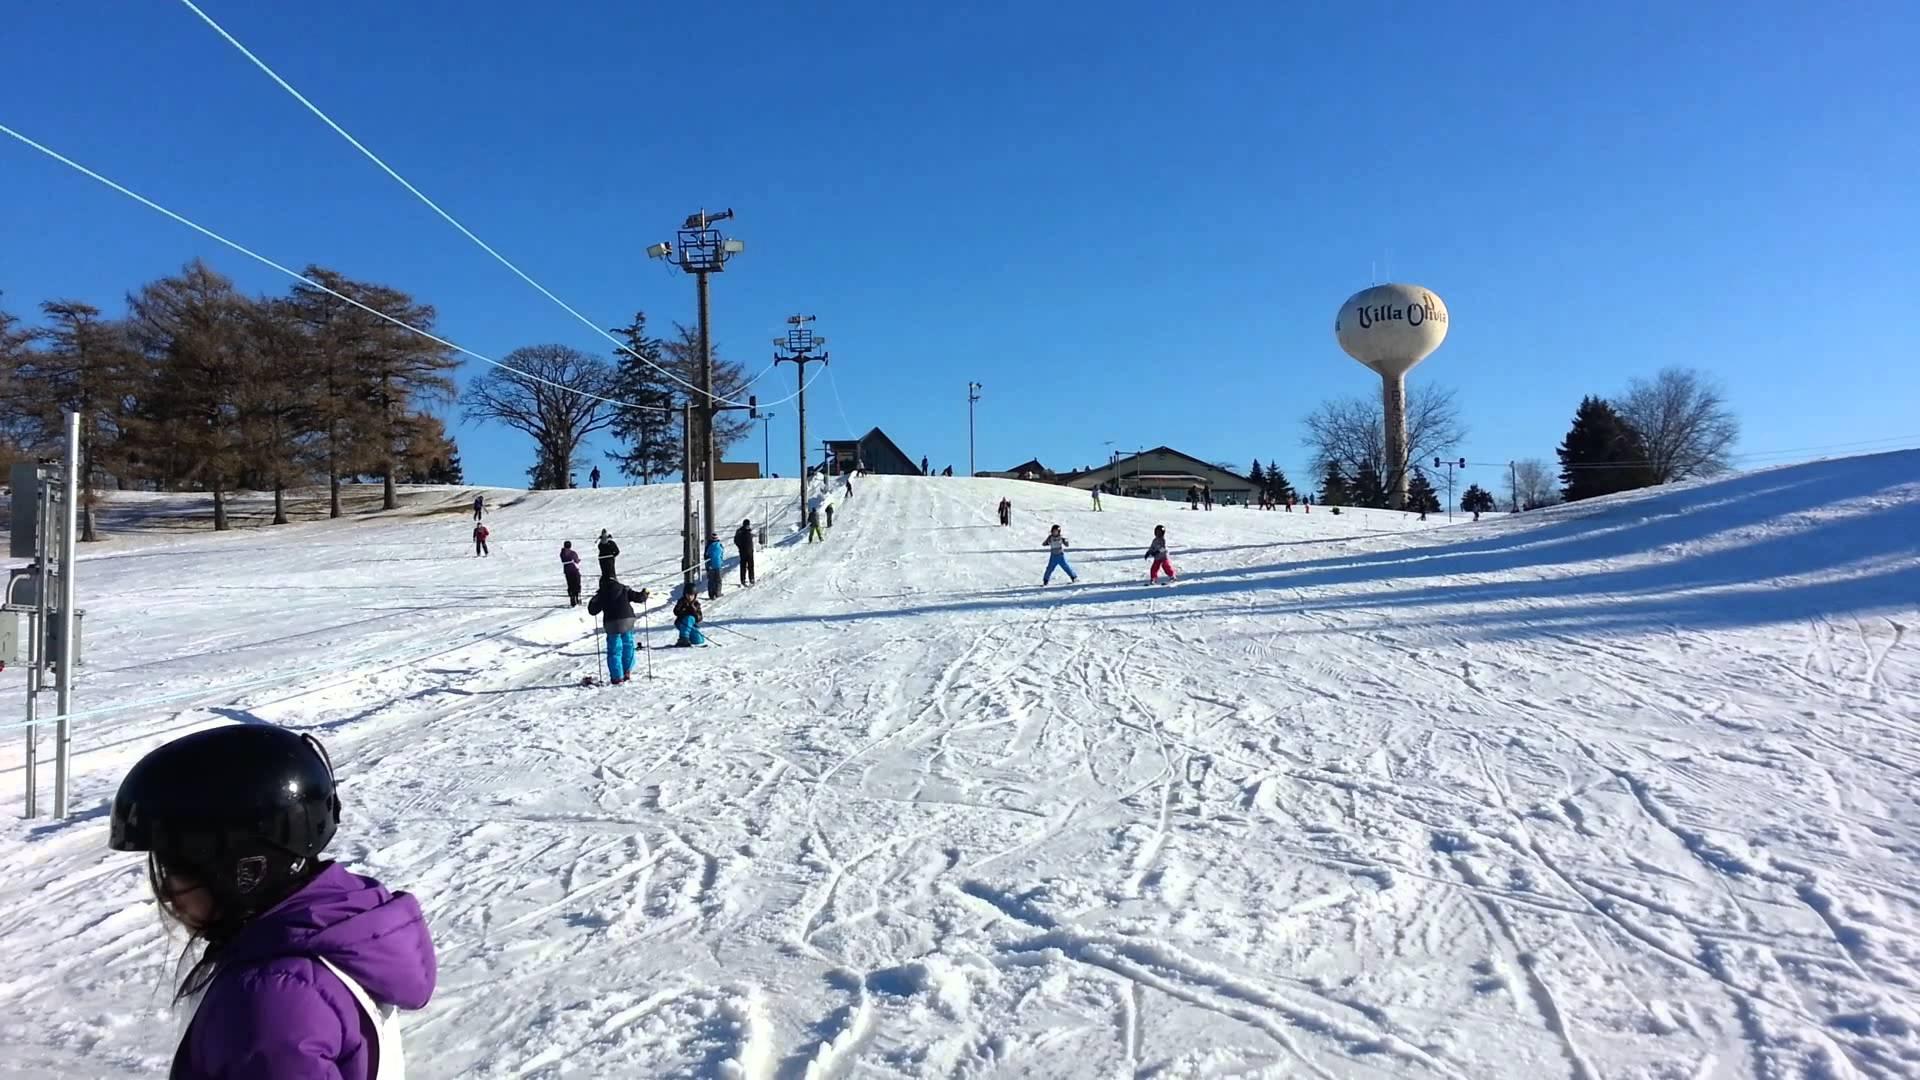 villa olivia country club ski area | enjoy illinois